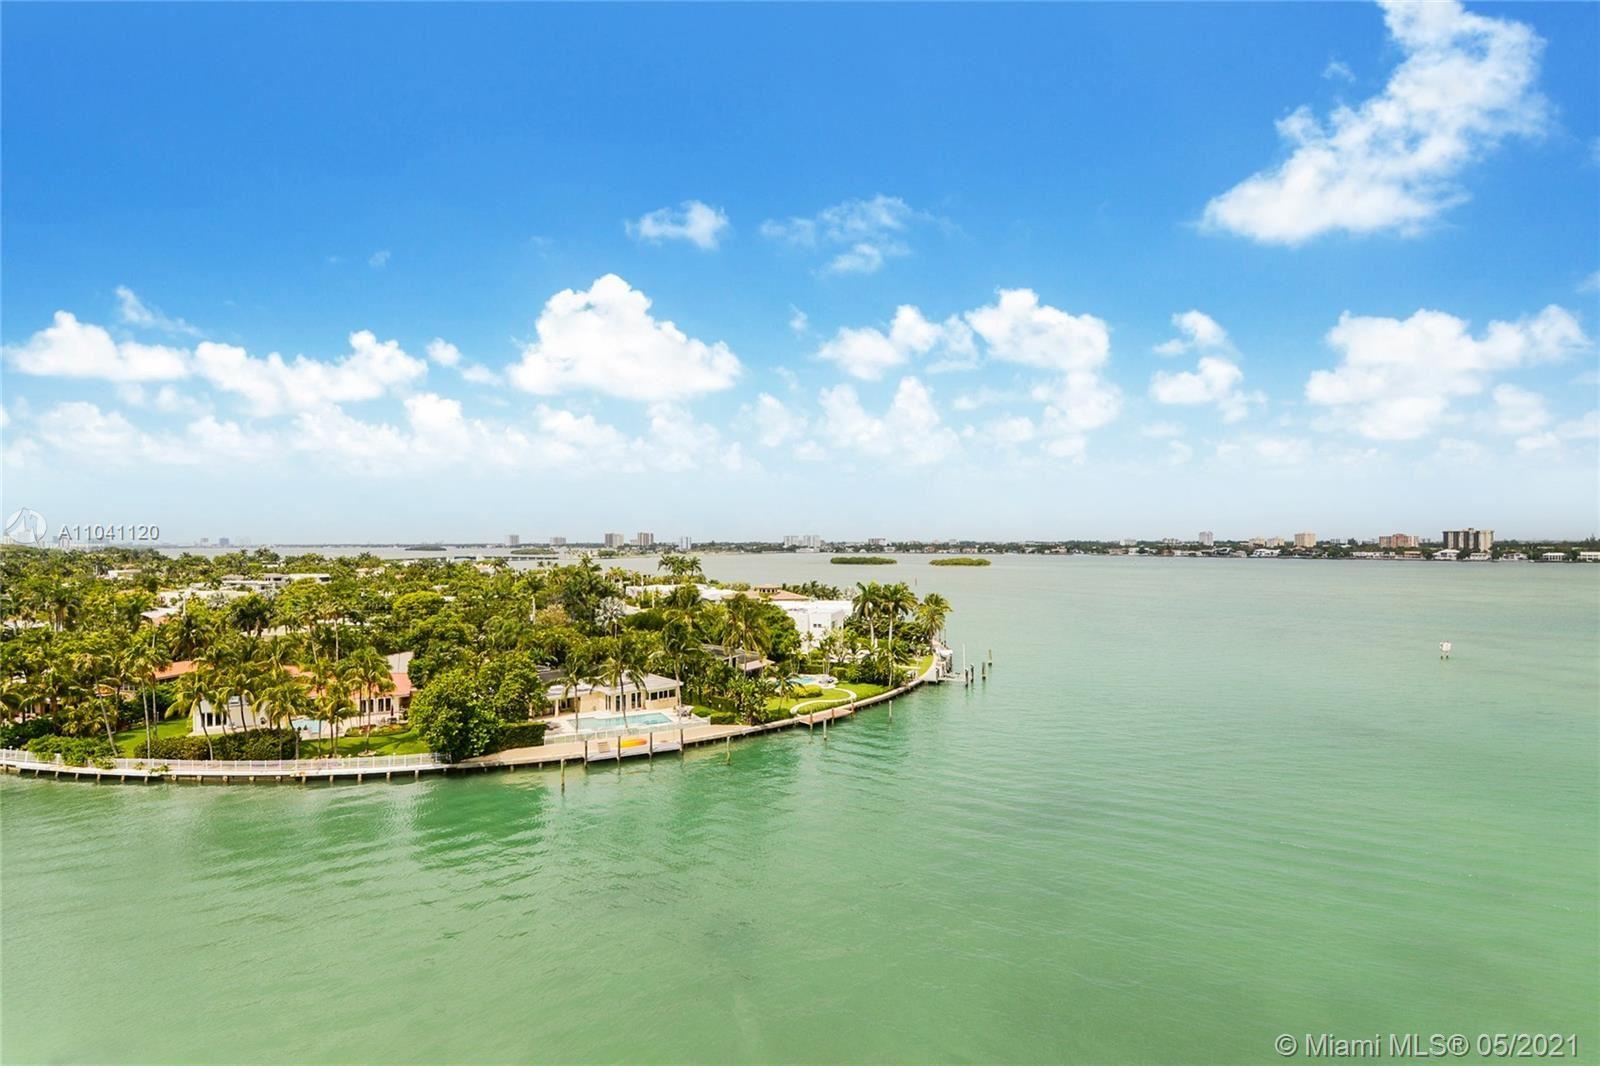 Photo of 10300 W Bay Harbor Dr #9D, Bay Harbor Islands, FL 33154 (MLS # A11041120)